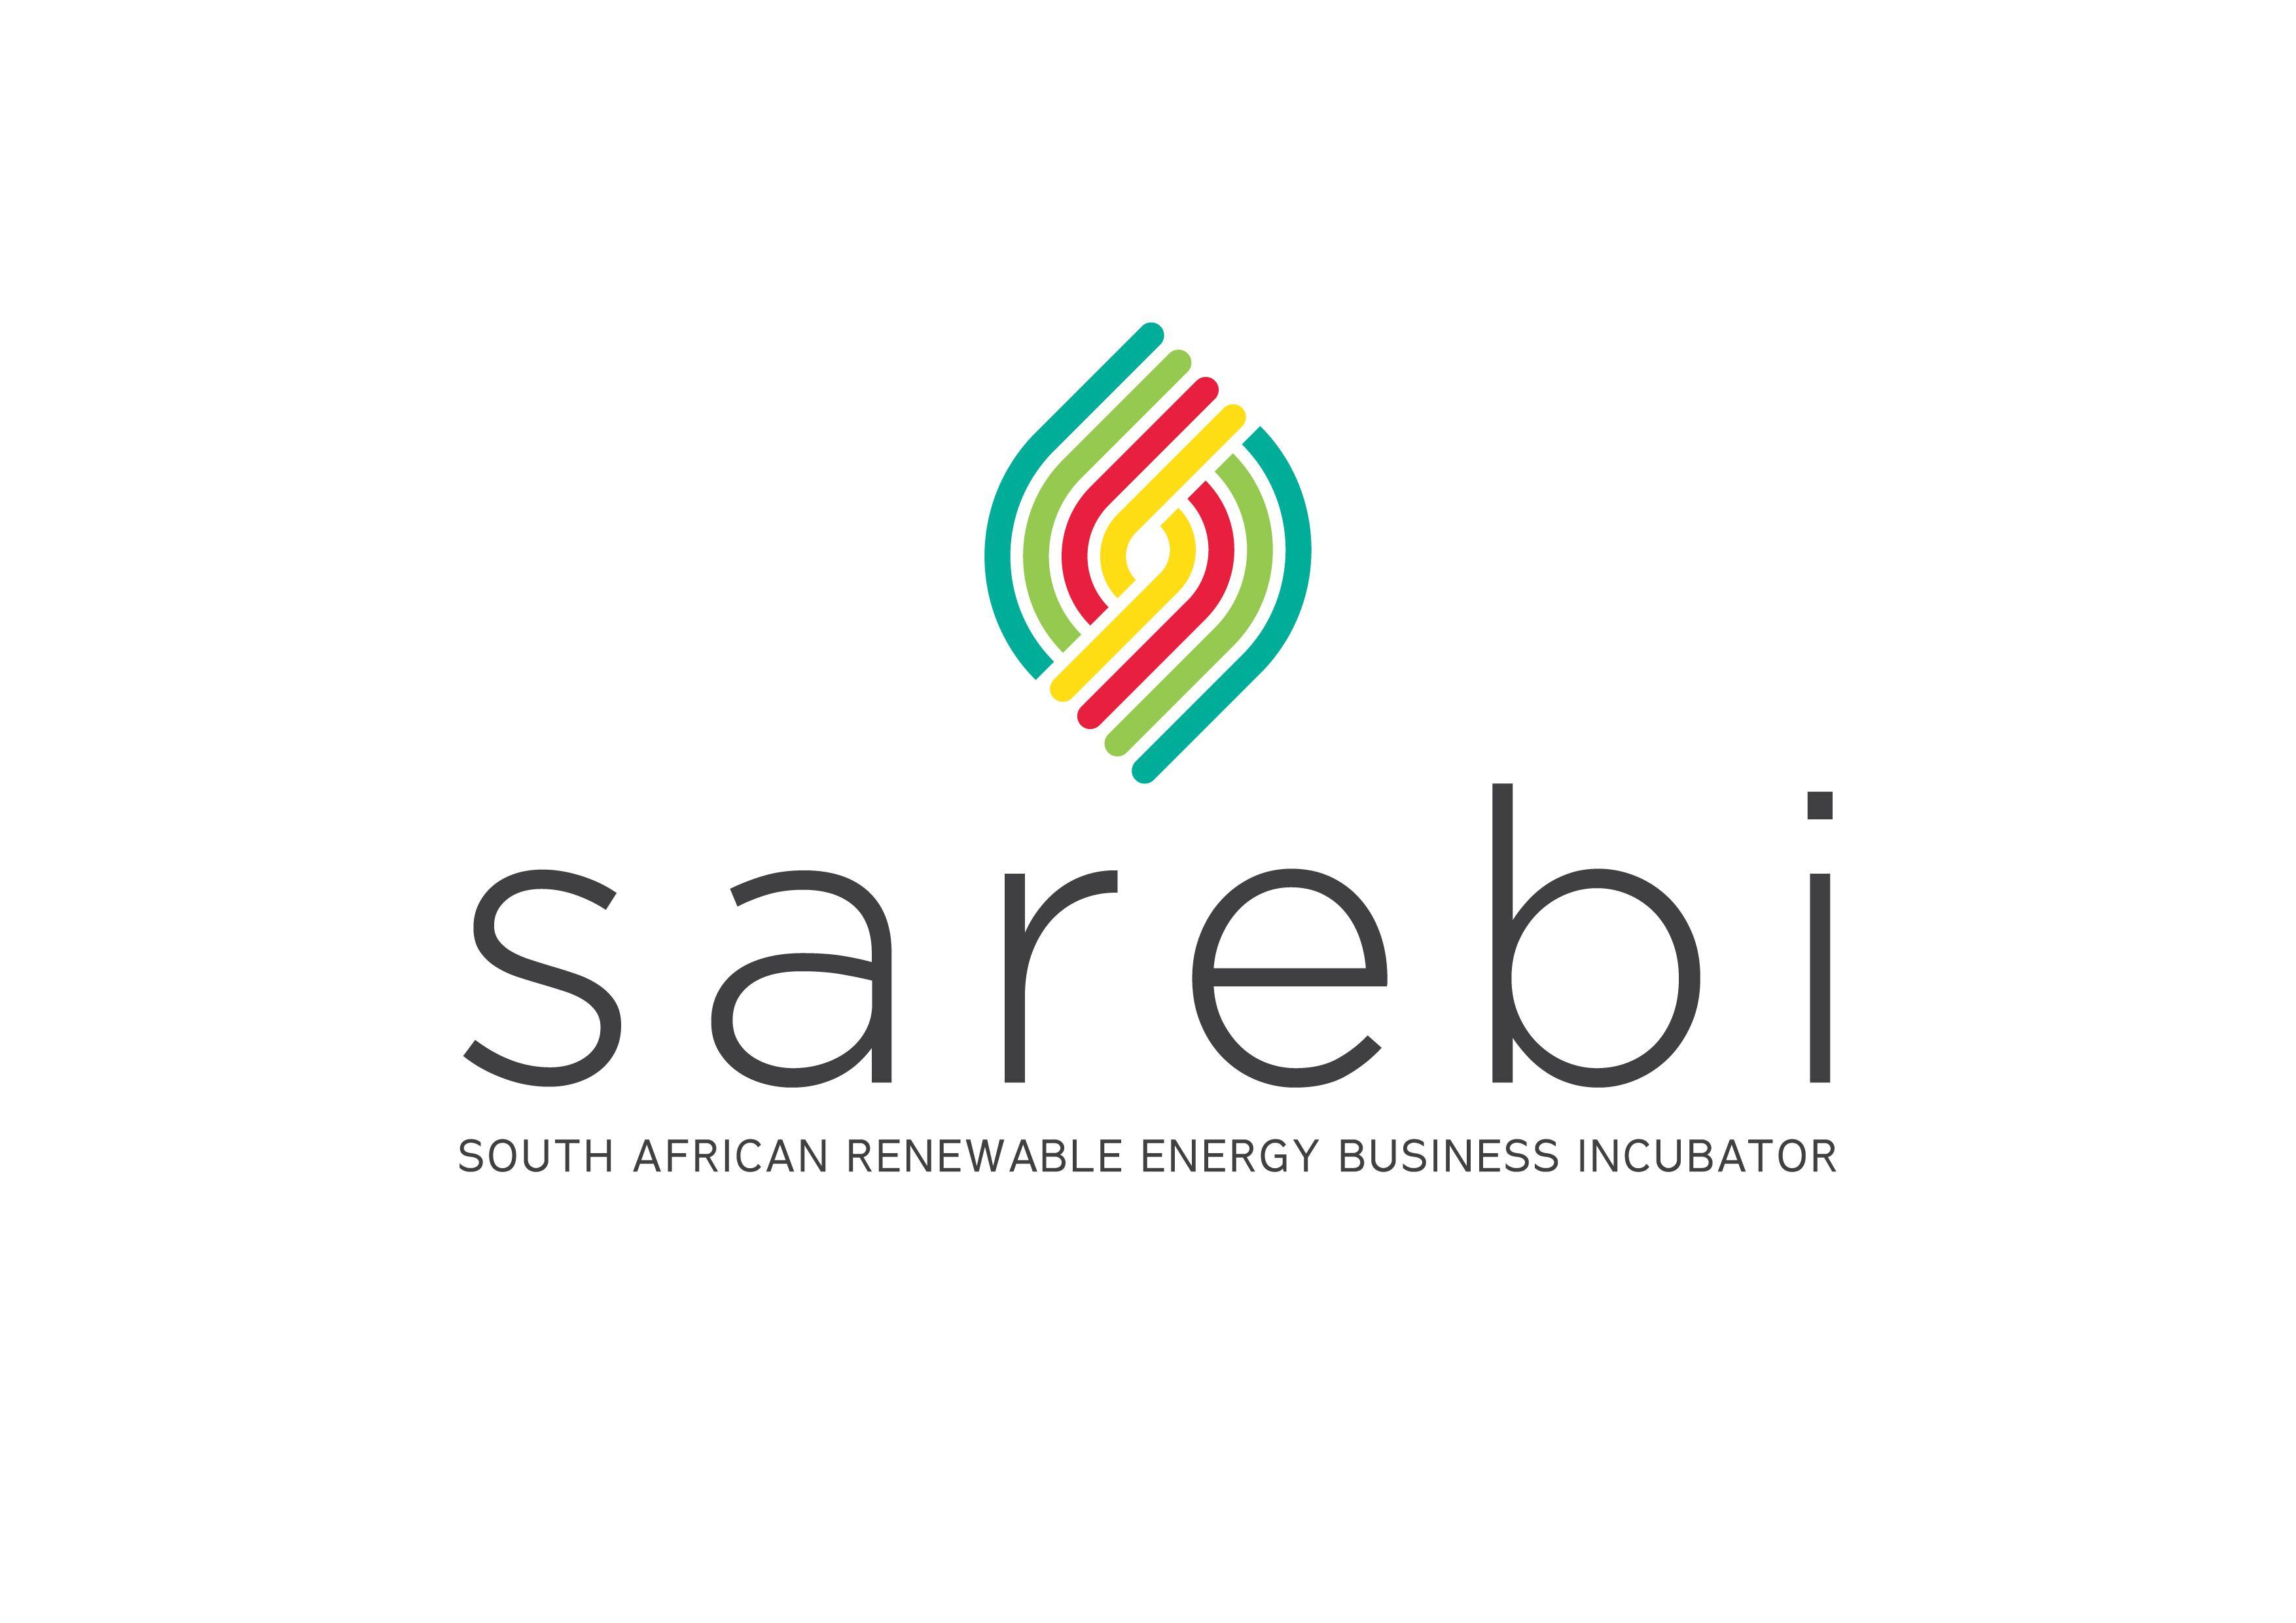 Sarebi